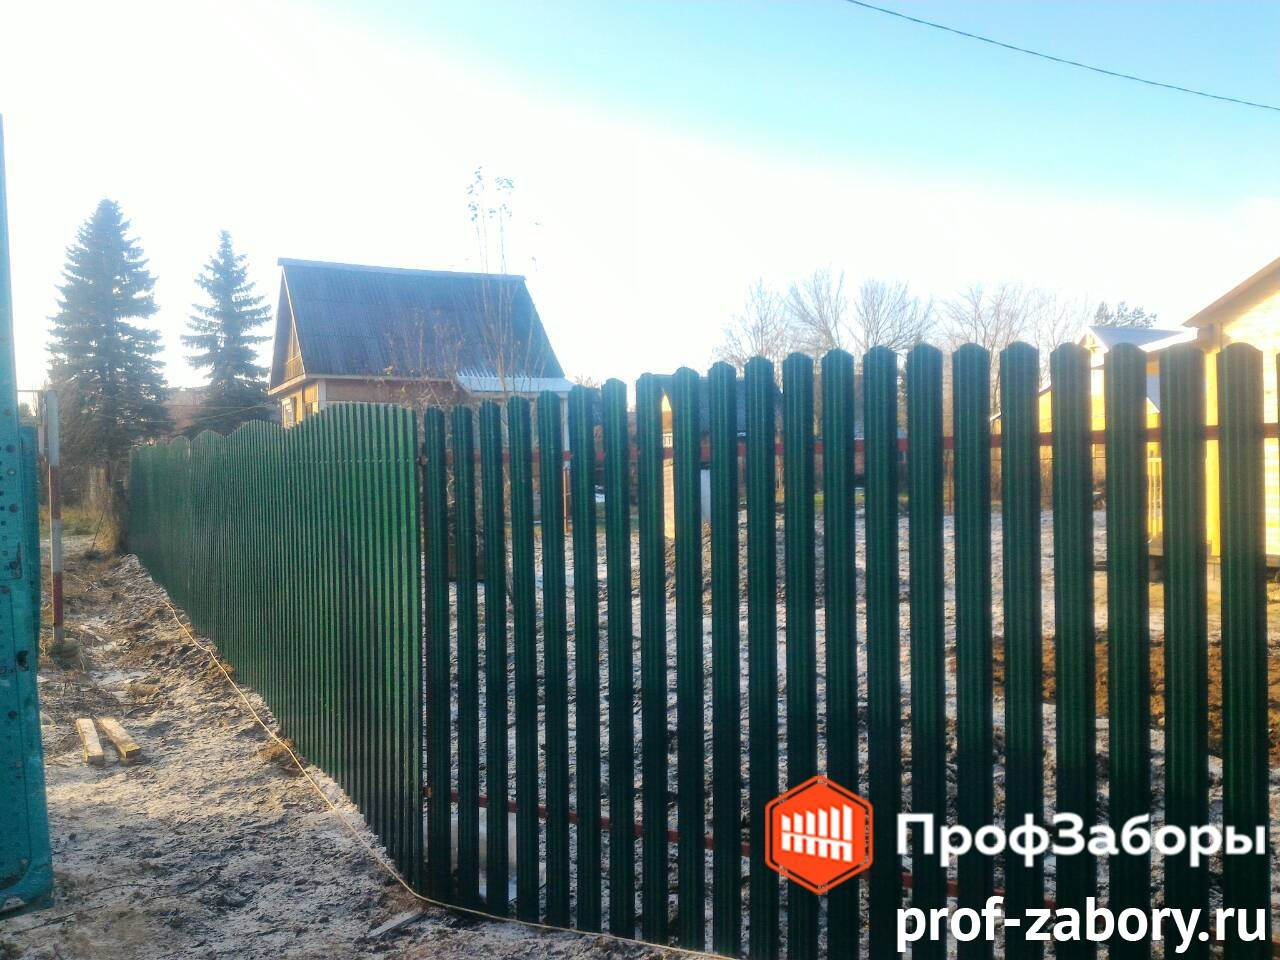 Заборы Из евроштакетника - Городское поселение Ашукино. Фото 2